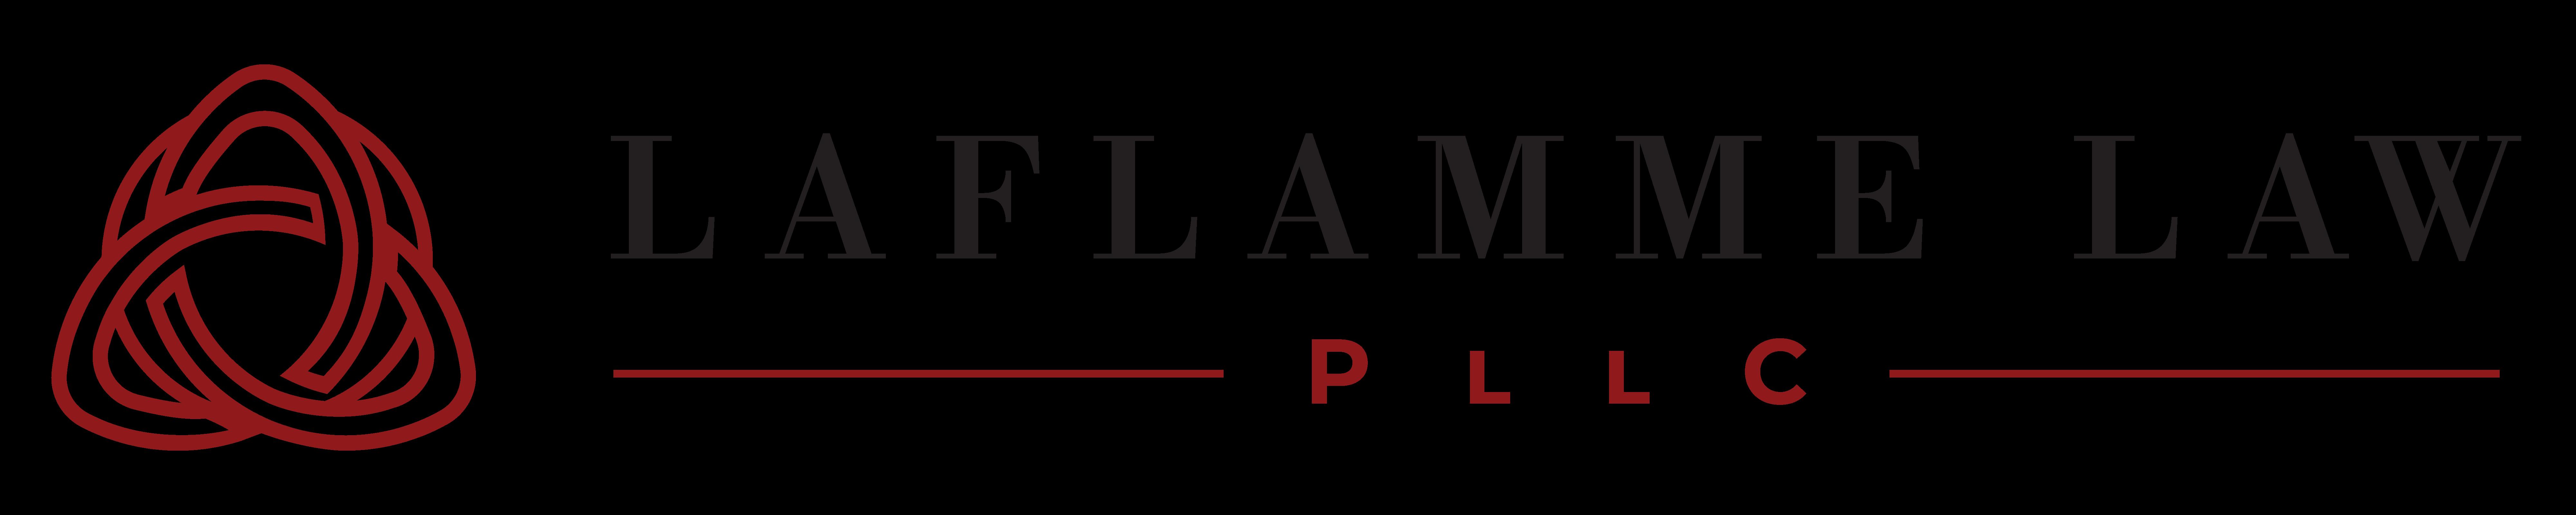 Laflamme Law, PLLC